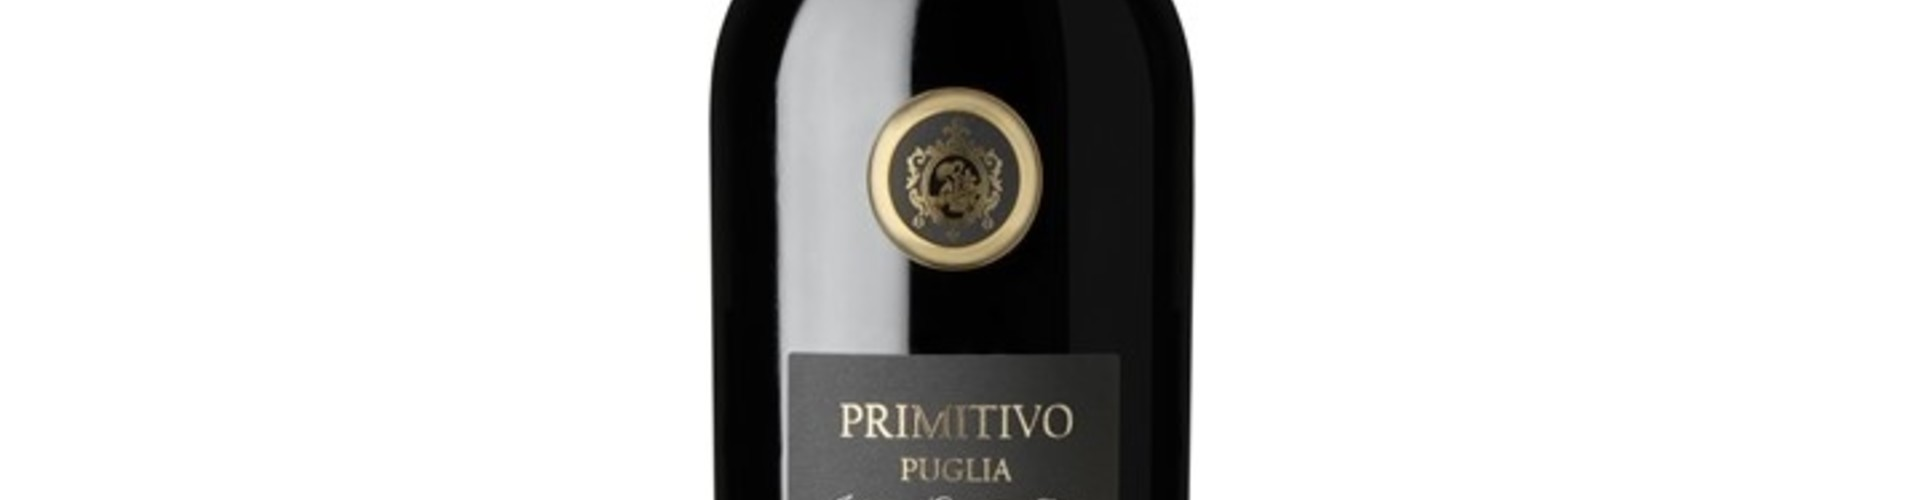 Primitivo IGT Special edition